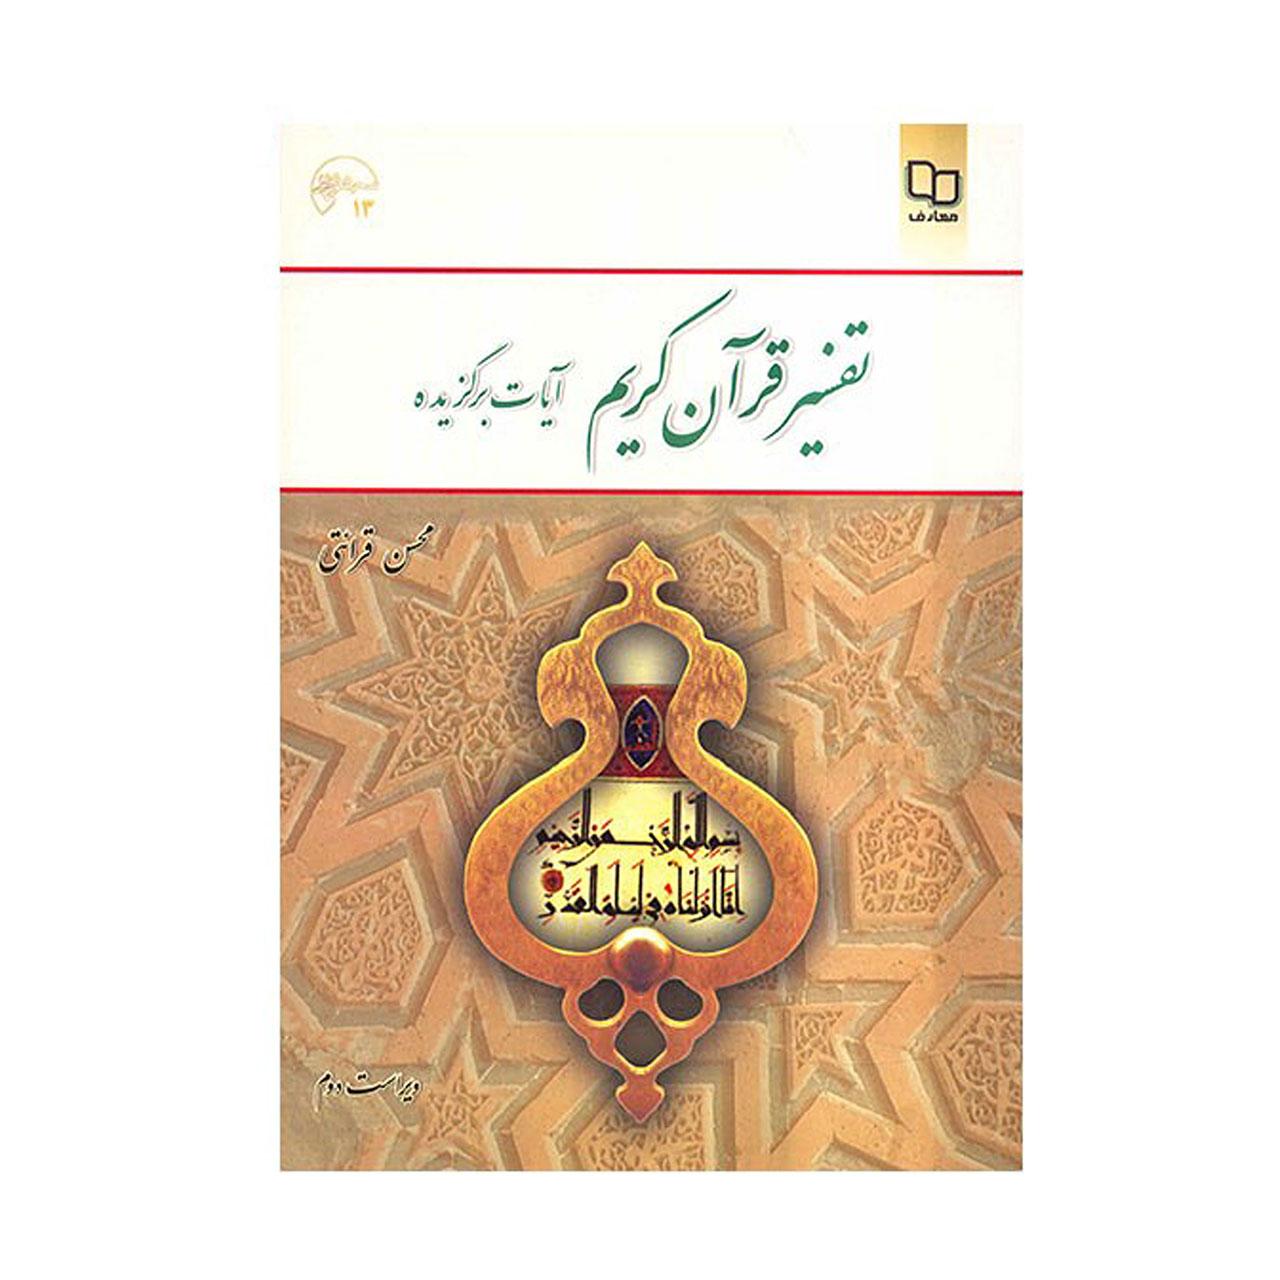 خرید                      کتاب تفسیر قرآن کریم، آیات برگزیده اثر محسن قرائتی